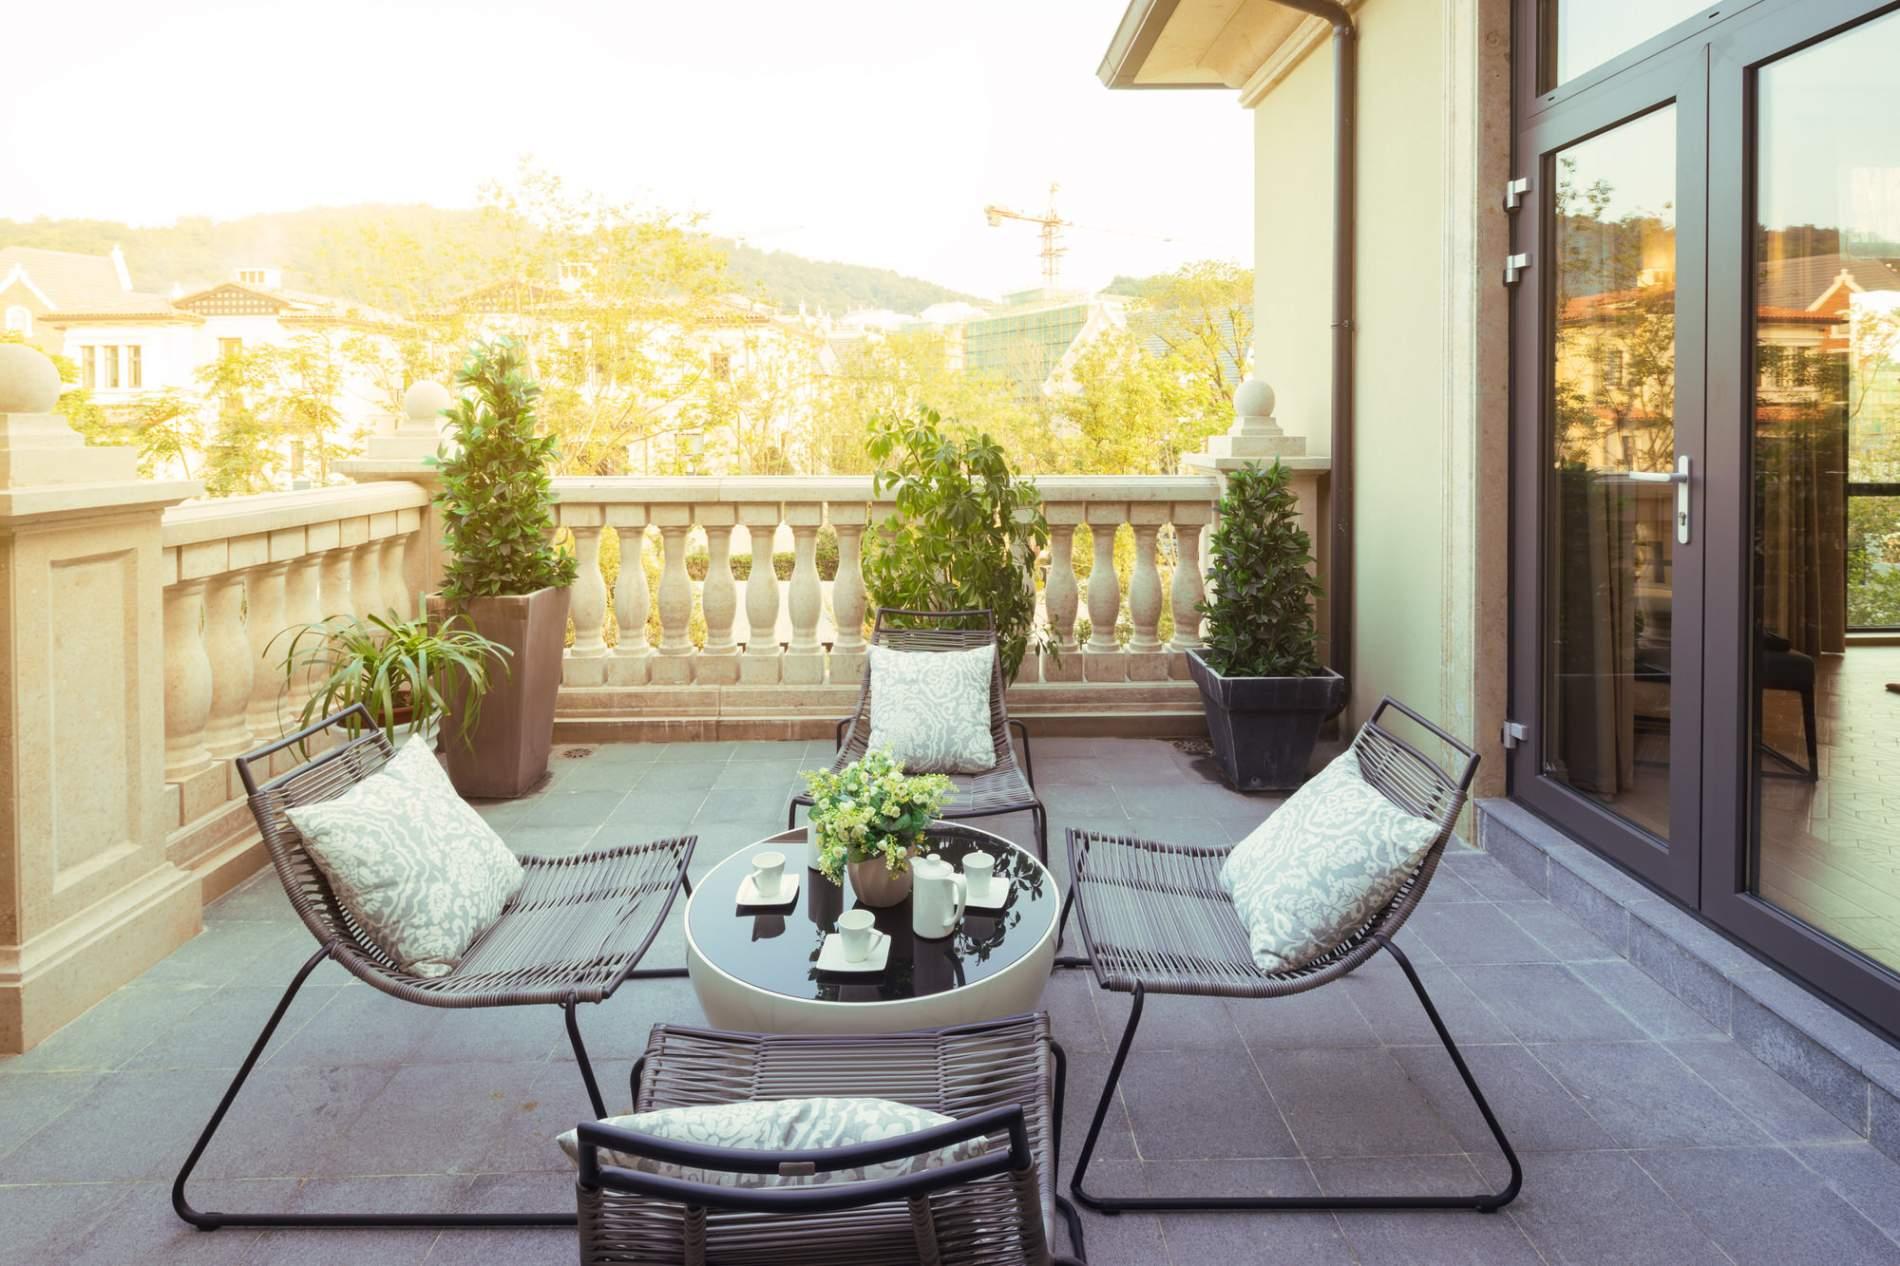 mietrecht rechte eines mieters auf balkon und terrasse kein balkon alternative kein balkon alternative